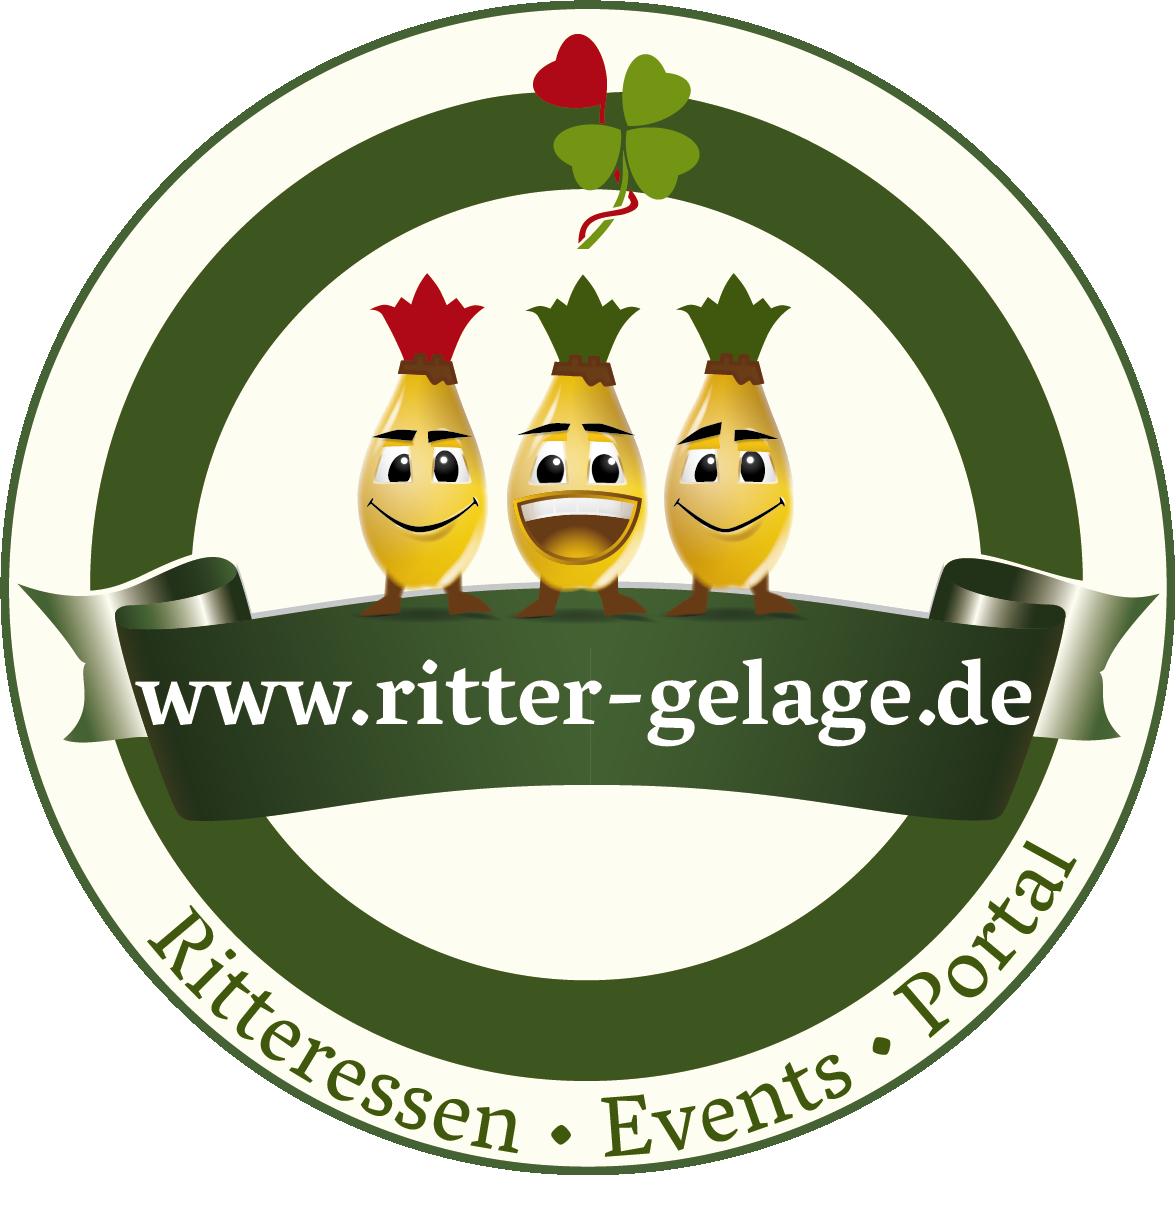 Rittergelage logo